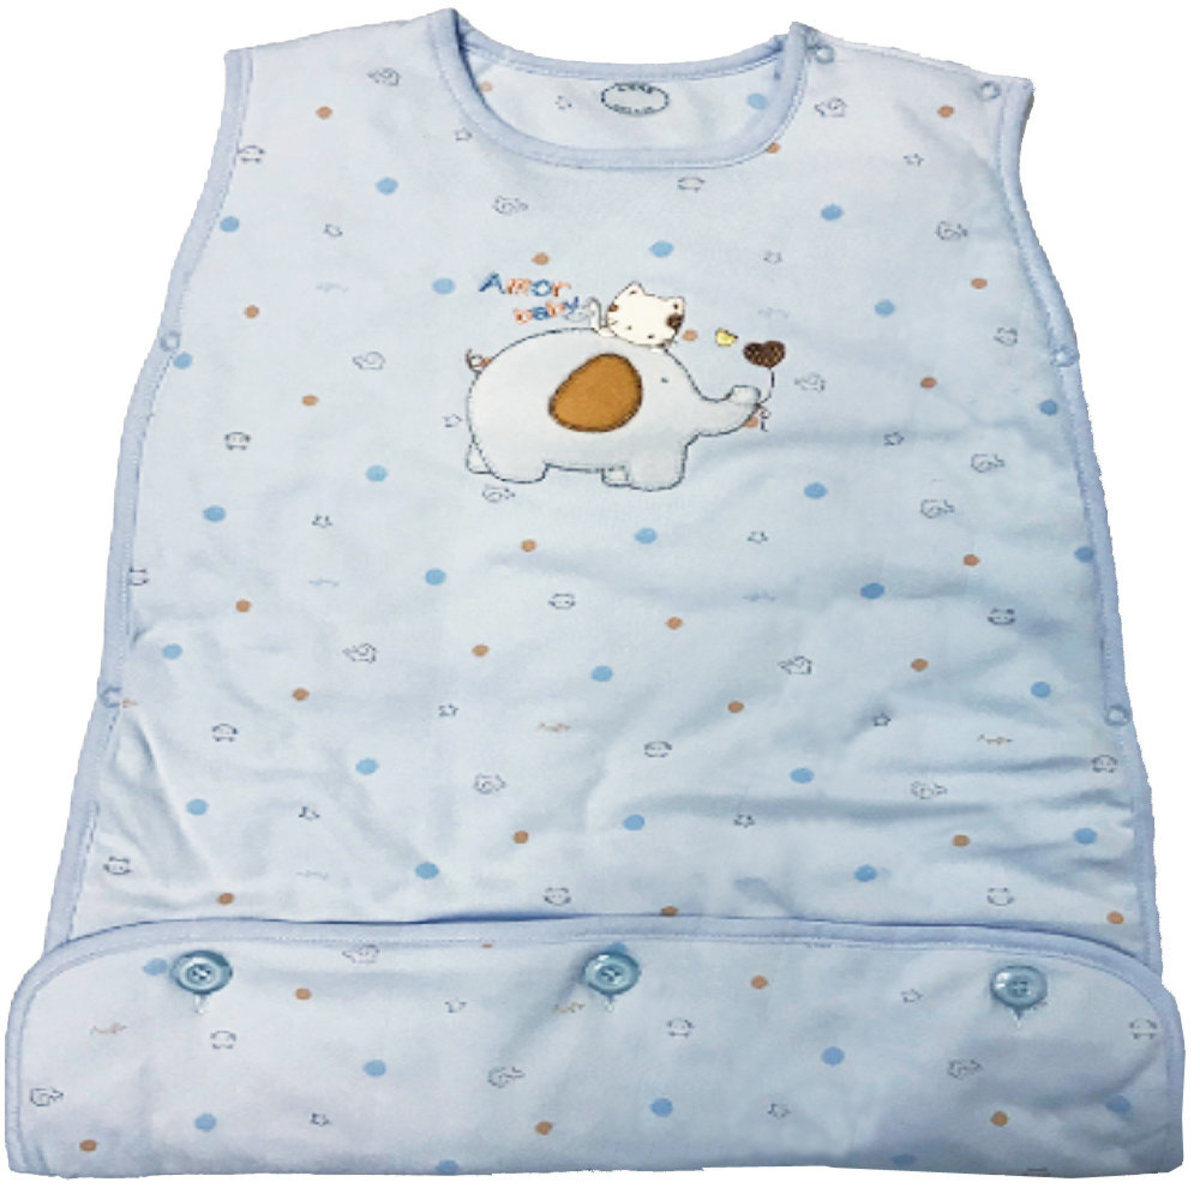 Sleeping Vest Gown